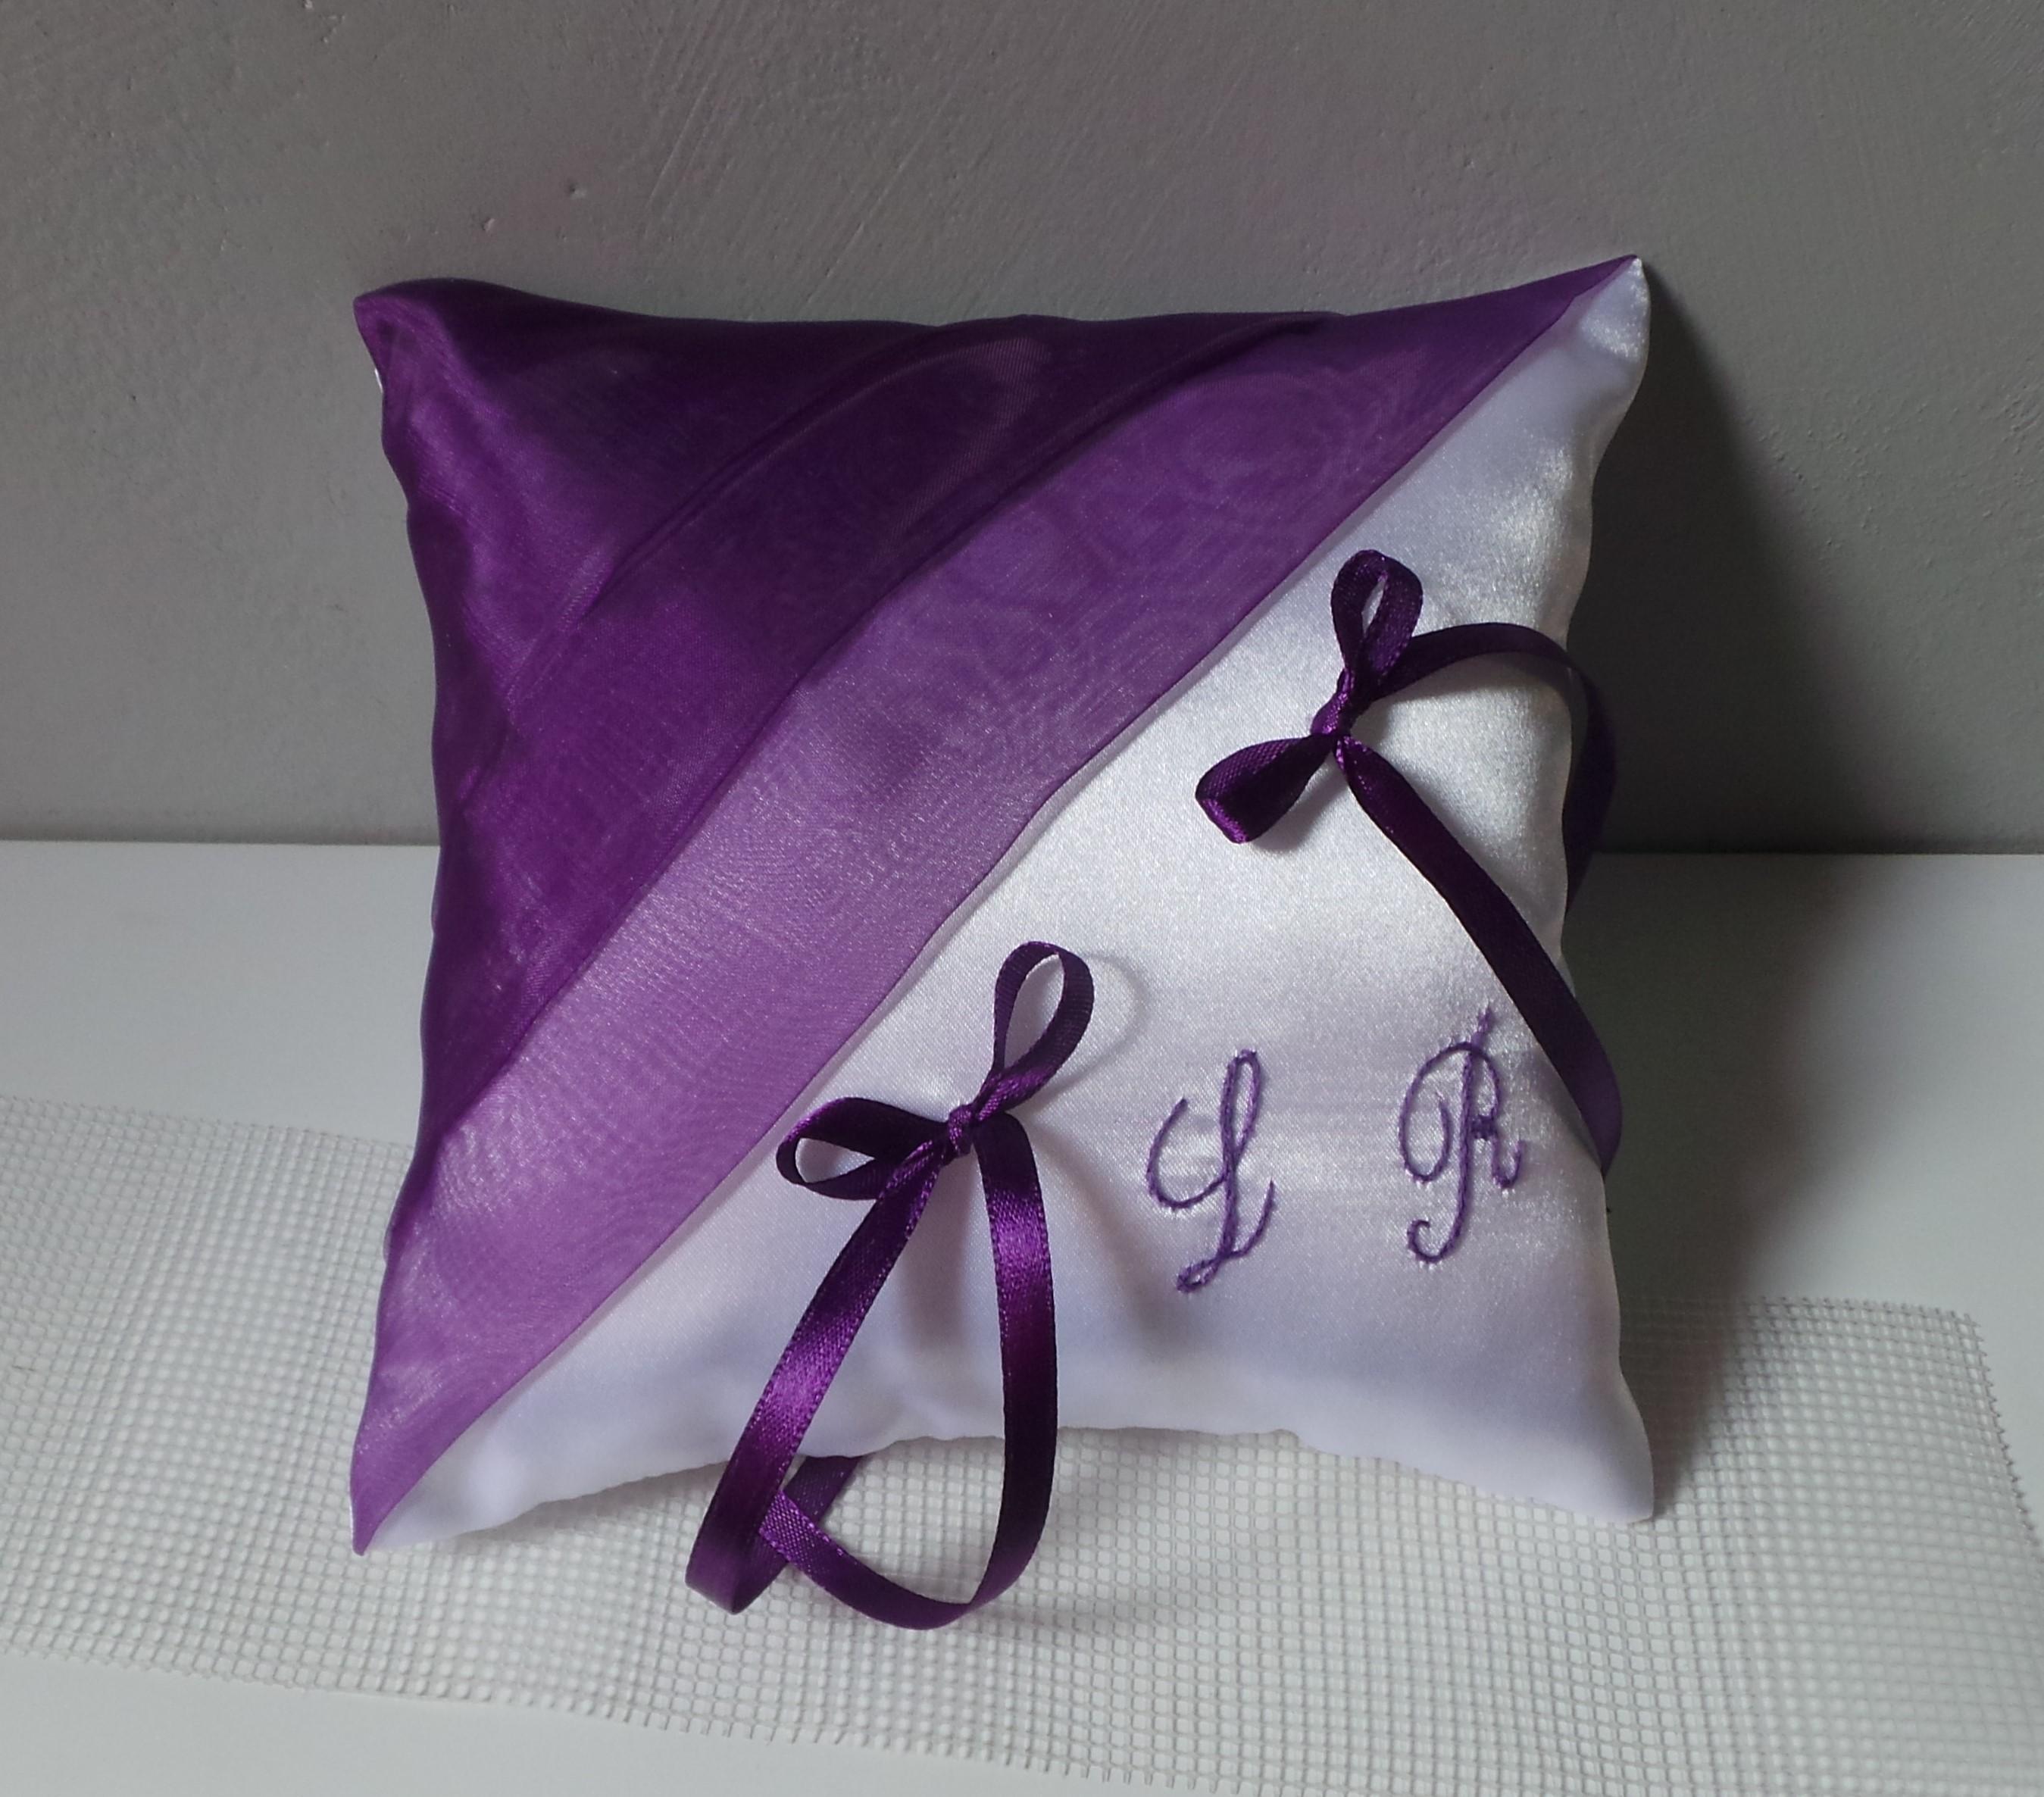 Coussin alliance personnalise violet prune et blanc fait main